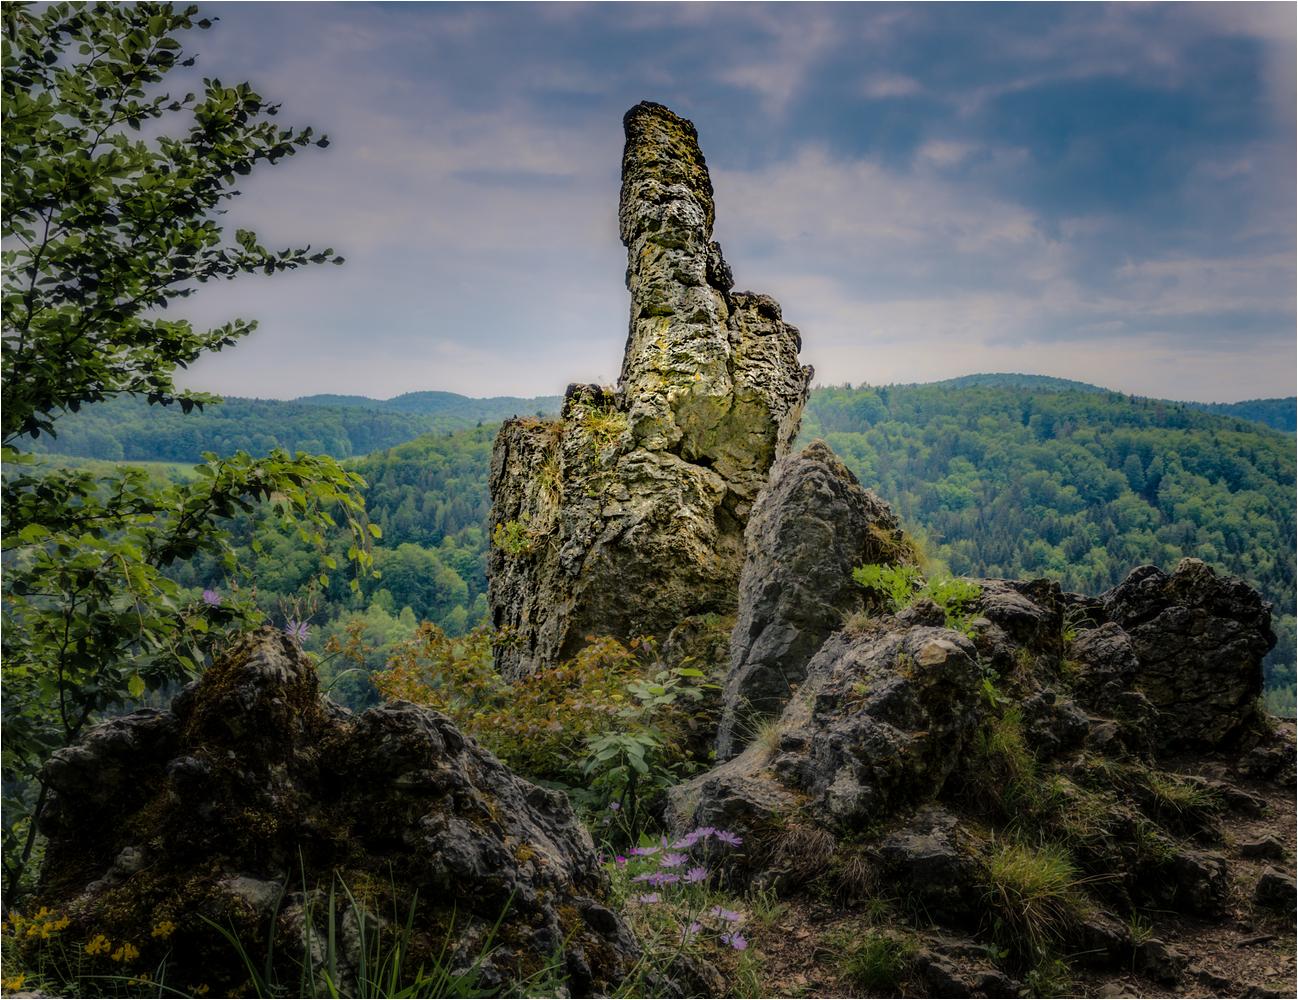 https://naturfotografen-forum.de/data/o/347/1738423/WH5_3705_ed-2.JPG